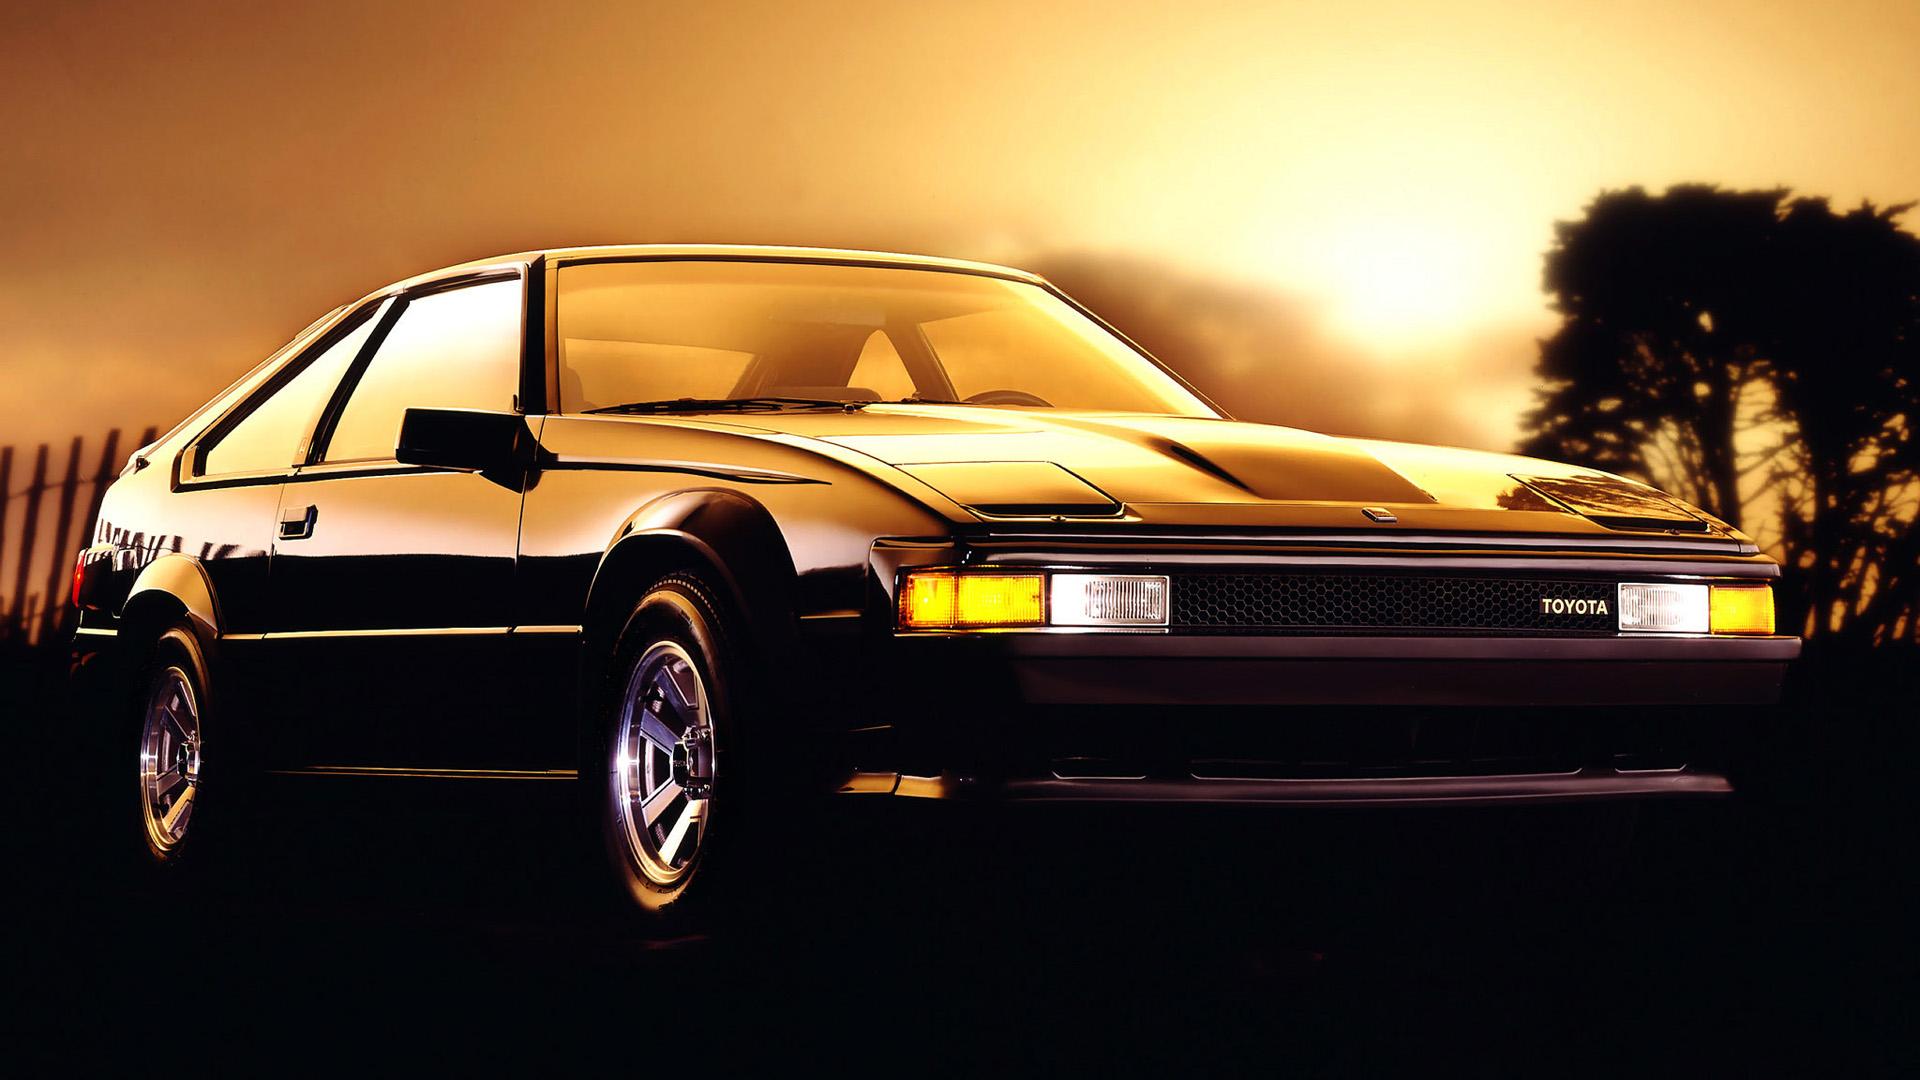 1984 Toyota Celica Supra Picture - Toyota Celica Supra , HD Wallpaper & Backgrounds